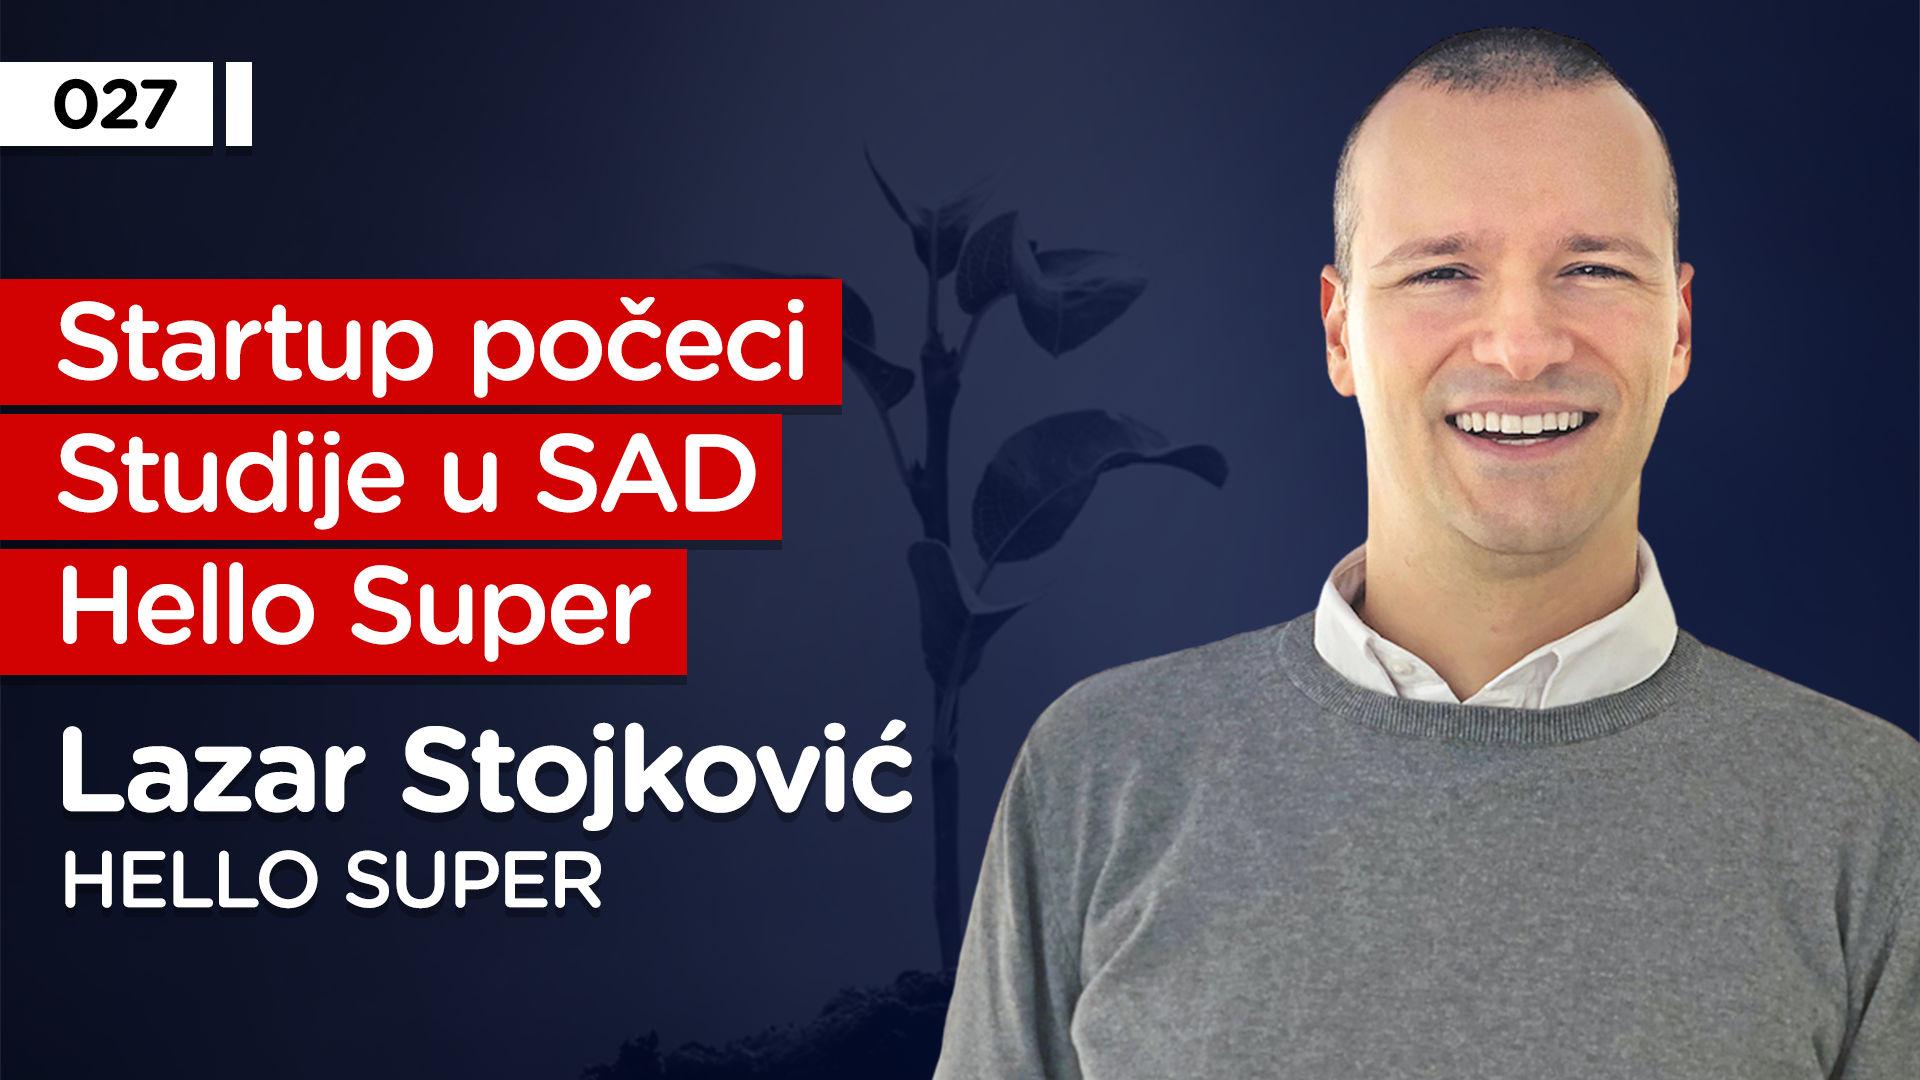 EP027: Lazar Stojković